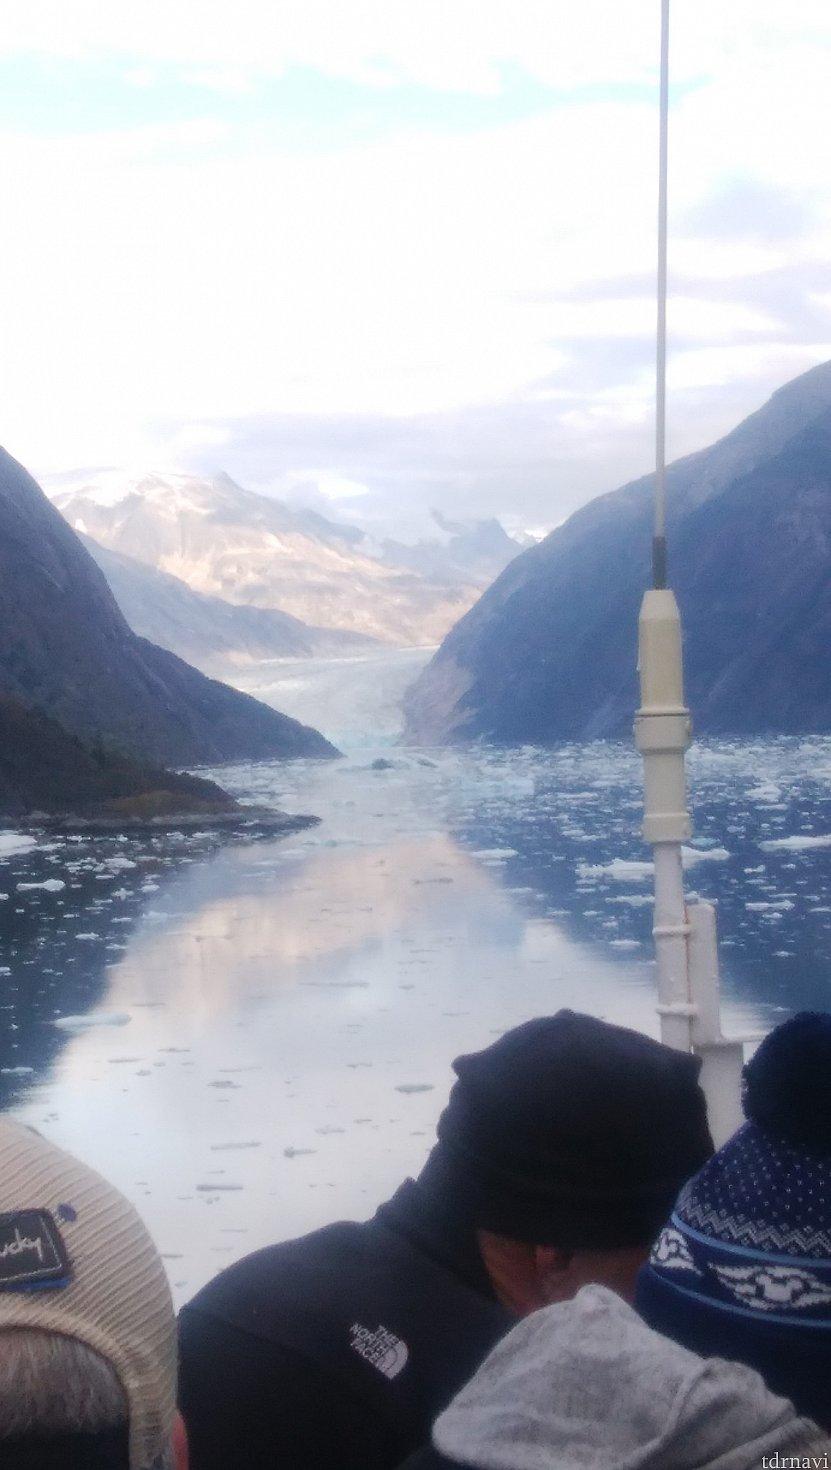 午後は船から、ソーヤー氷河鑑賞